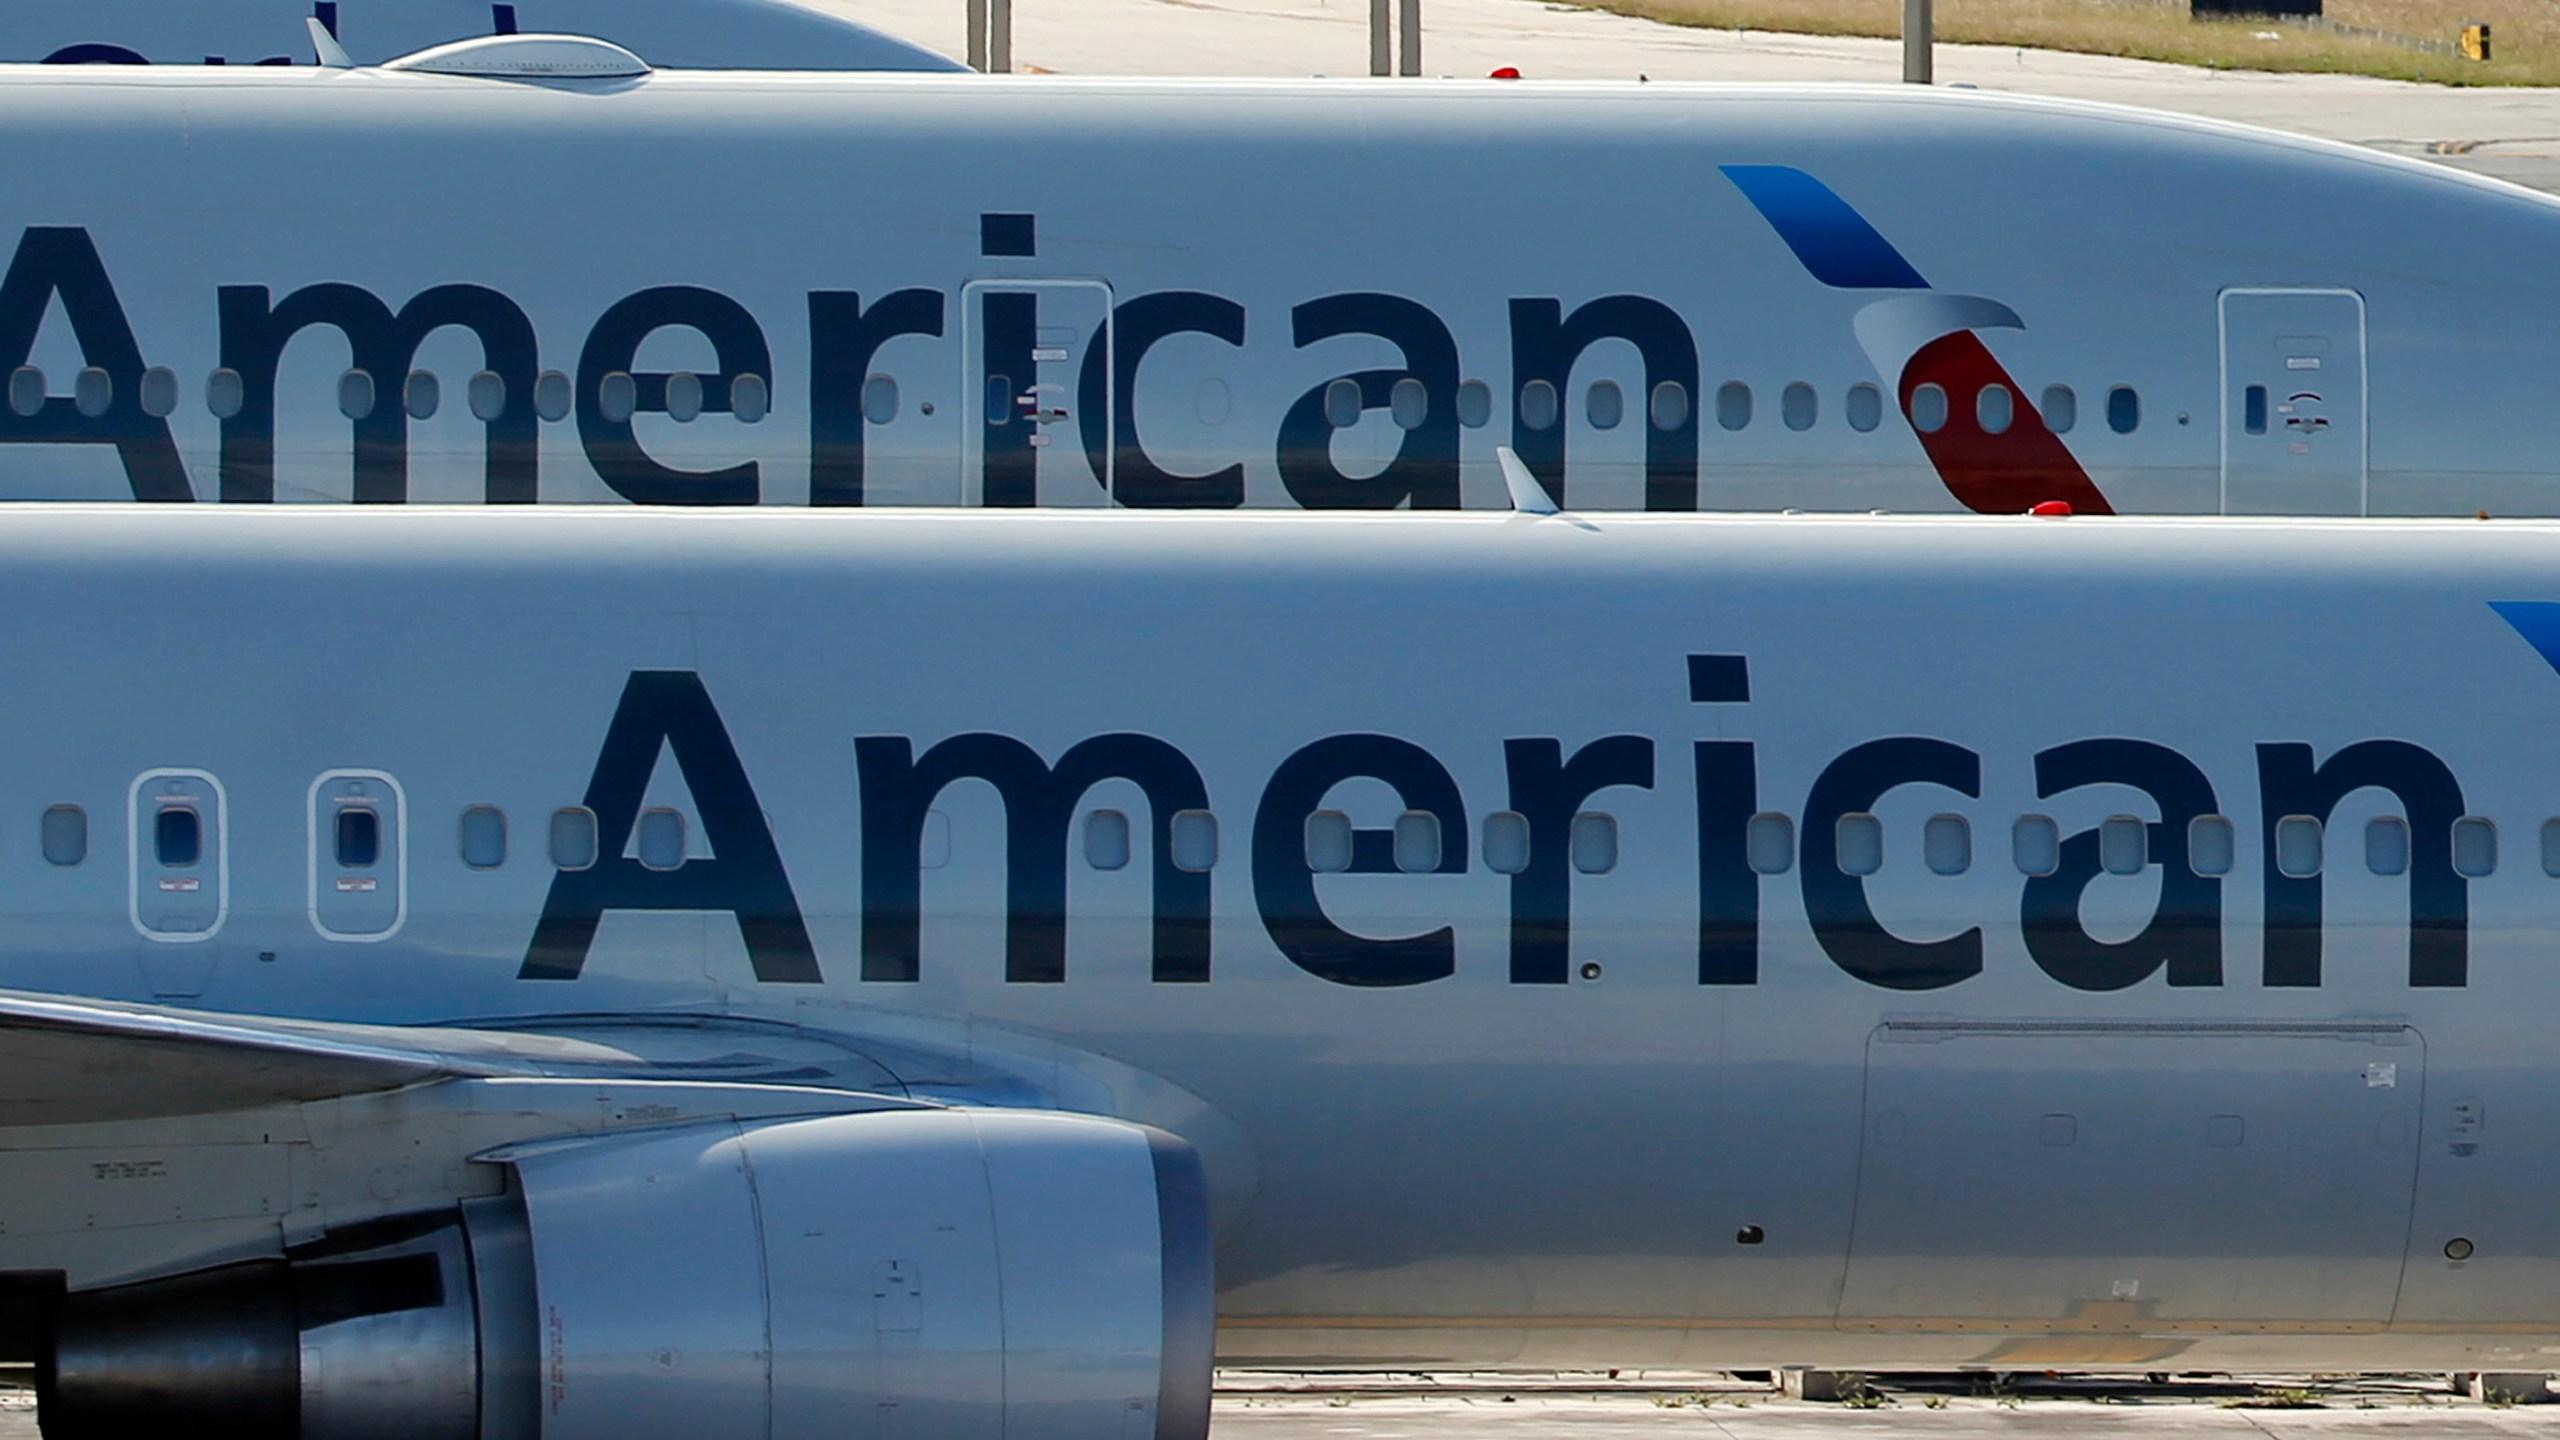 American_Airlines_Fees_09509-159532.jpg60544854